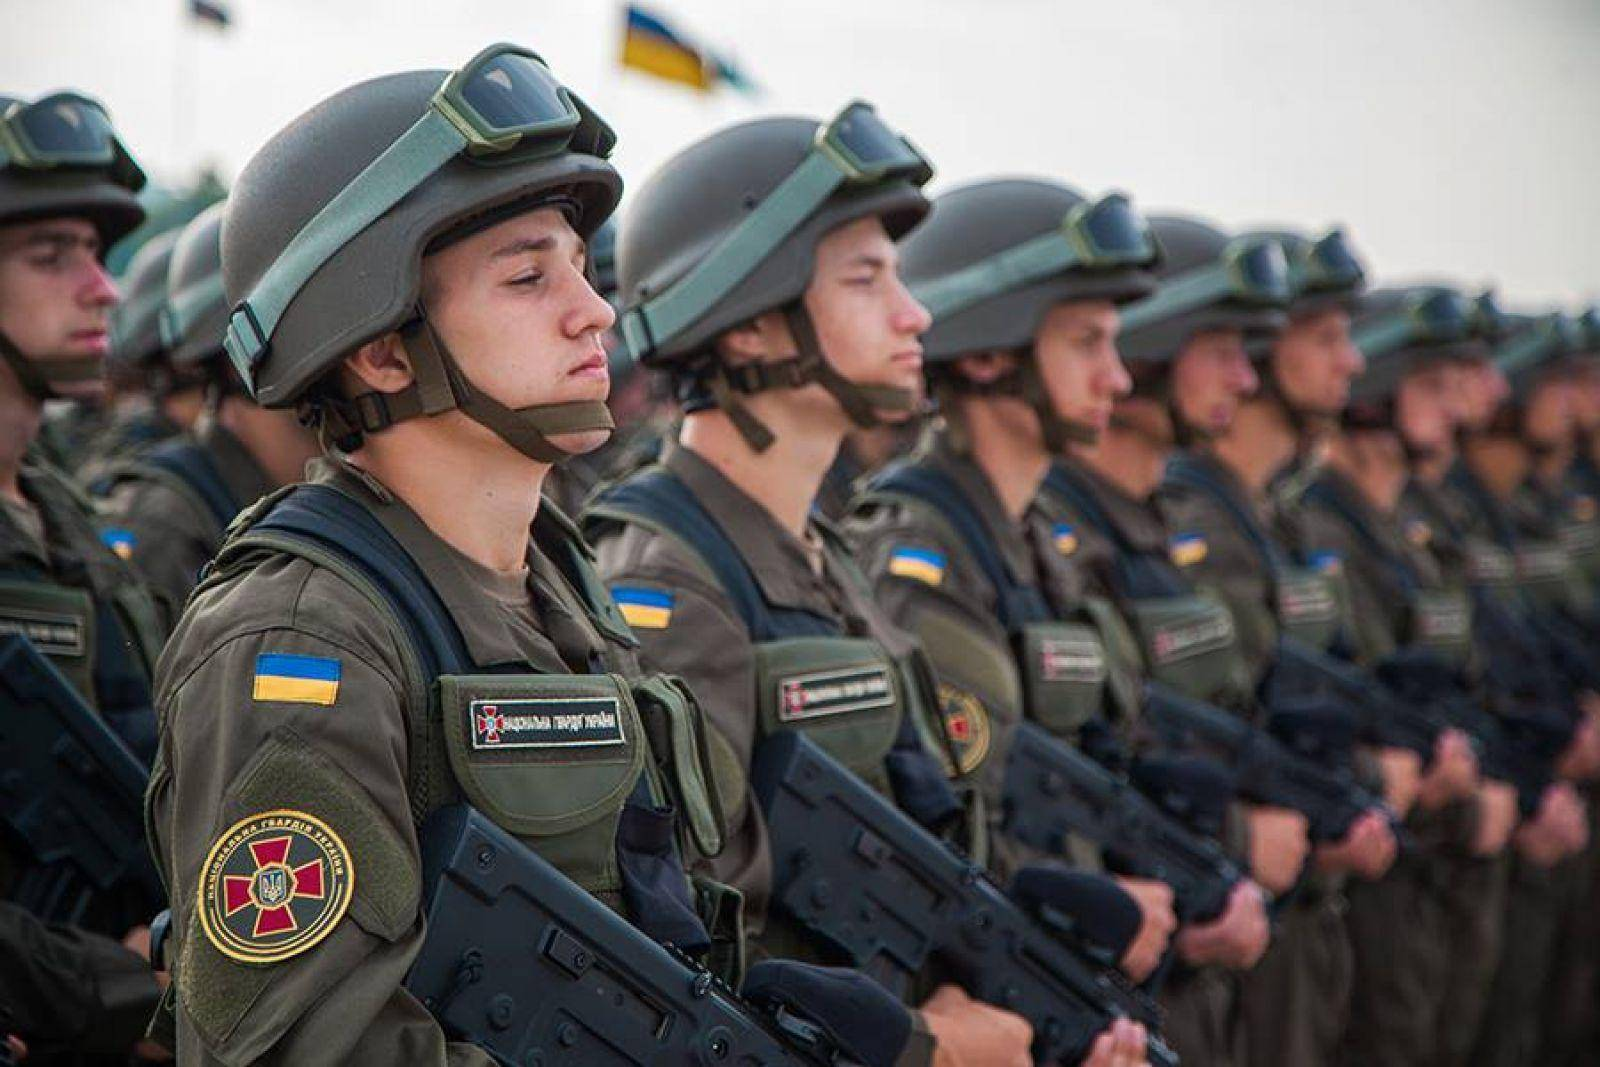 Вооруженные силы сша (u.s.army): возможно ли попасть на службу иностранцу?